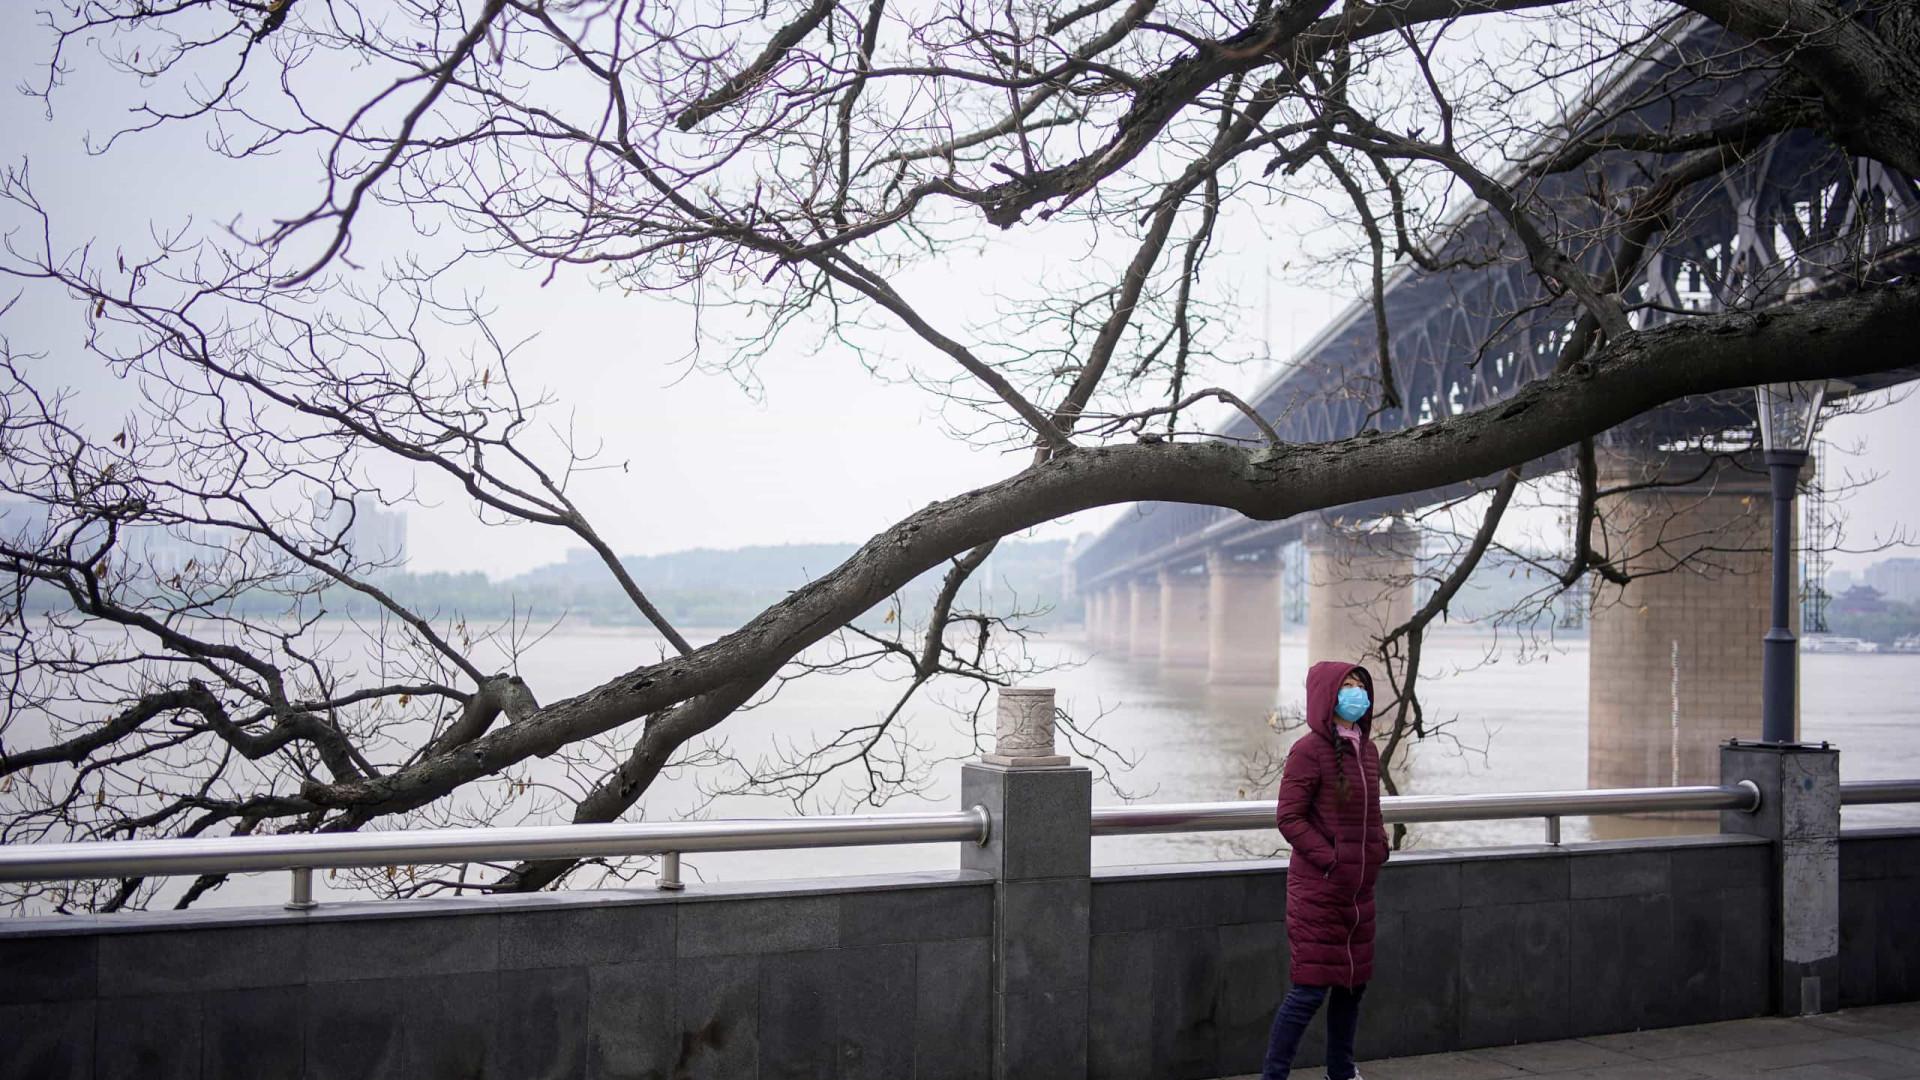 Casais de Wuhan 'inundaram' plataforma para se casarem